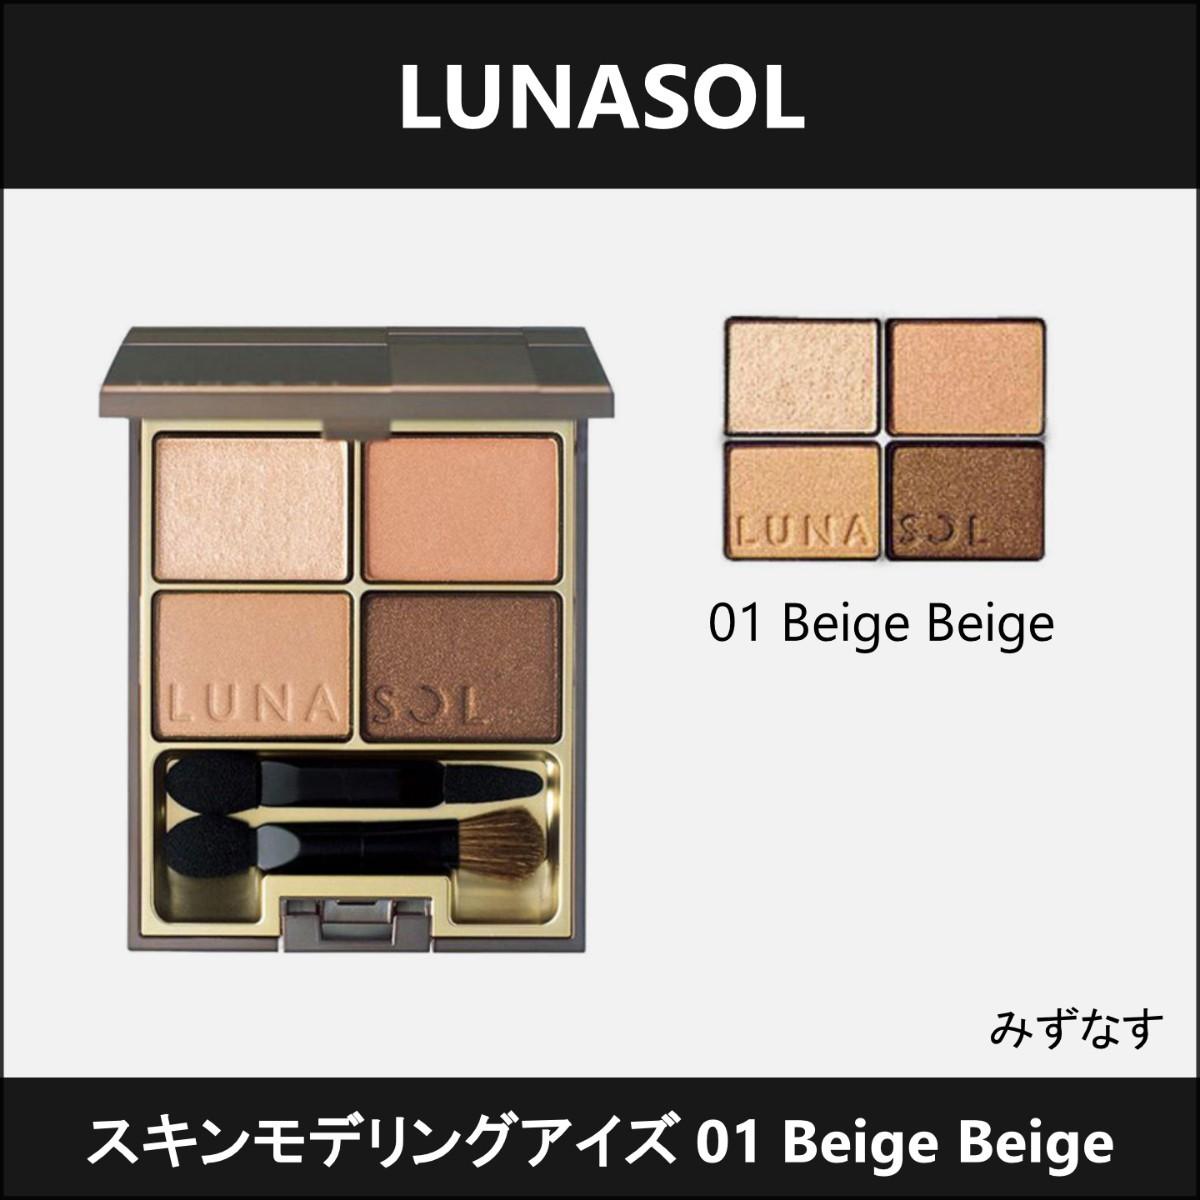 ルナソル スキンモデリングアイズ 01 Beige  Beige